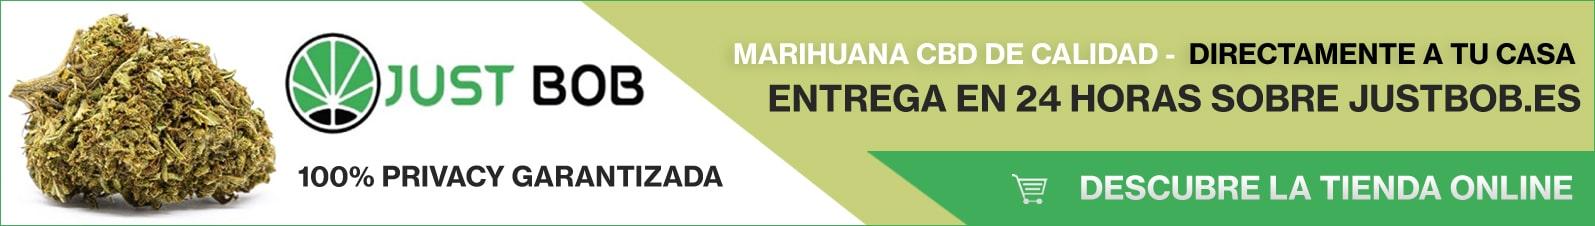 Banner Justbob marihuana CBD de calidad